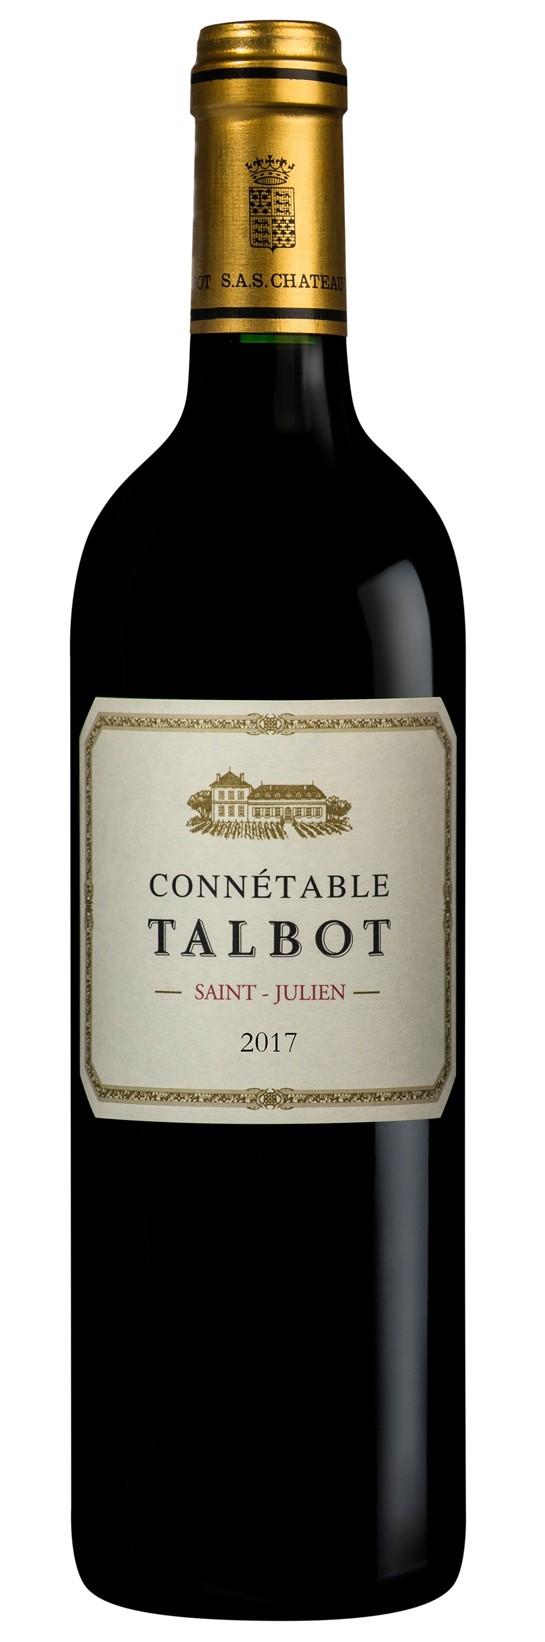 Connetable de Talbot 2017, Saint Julien